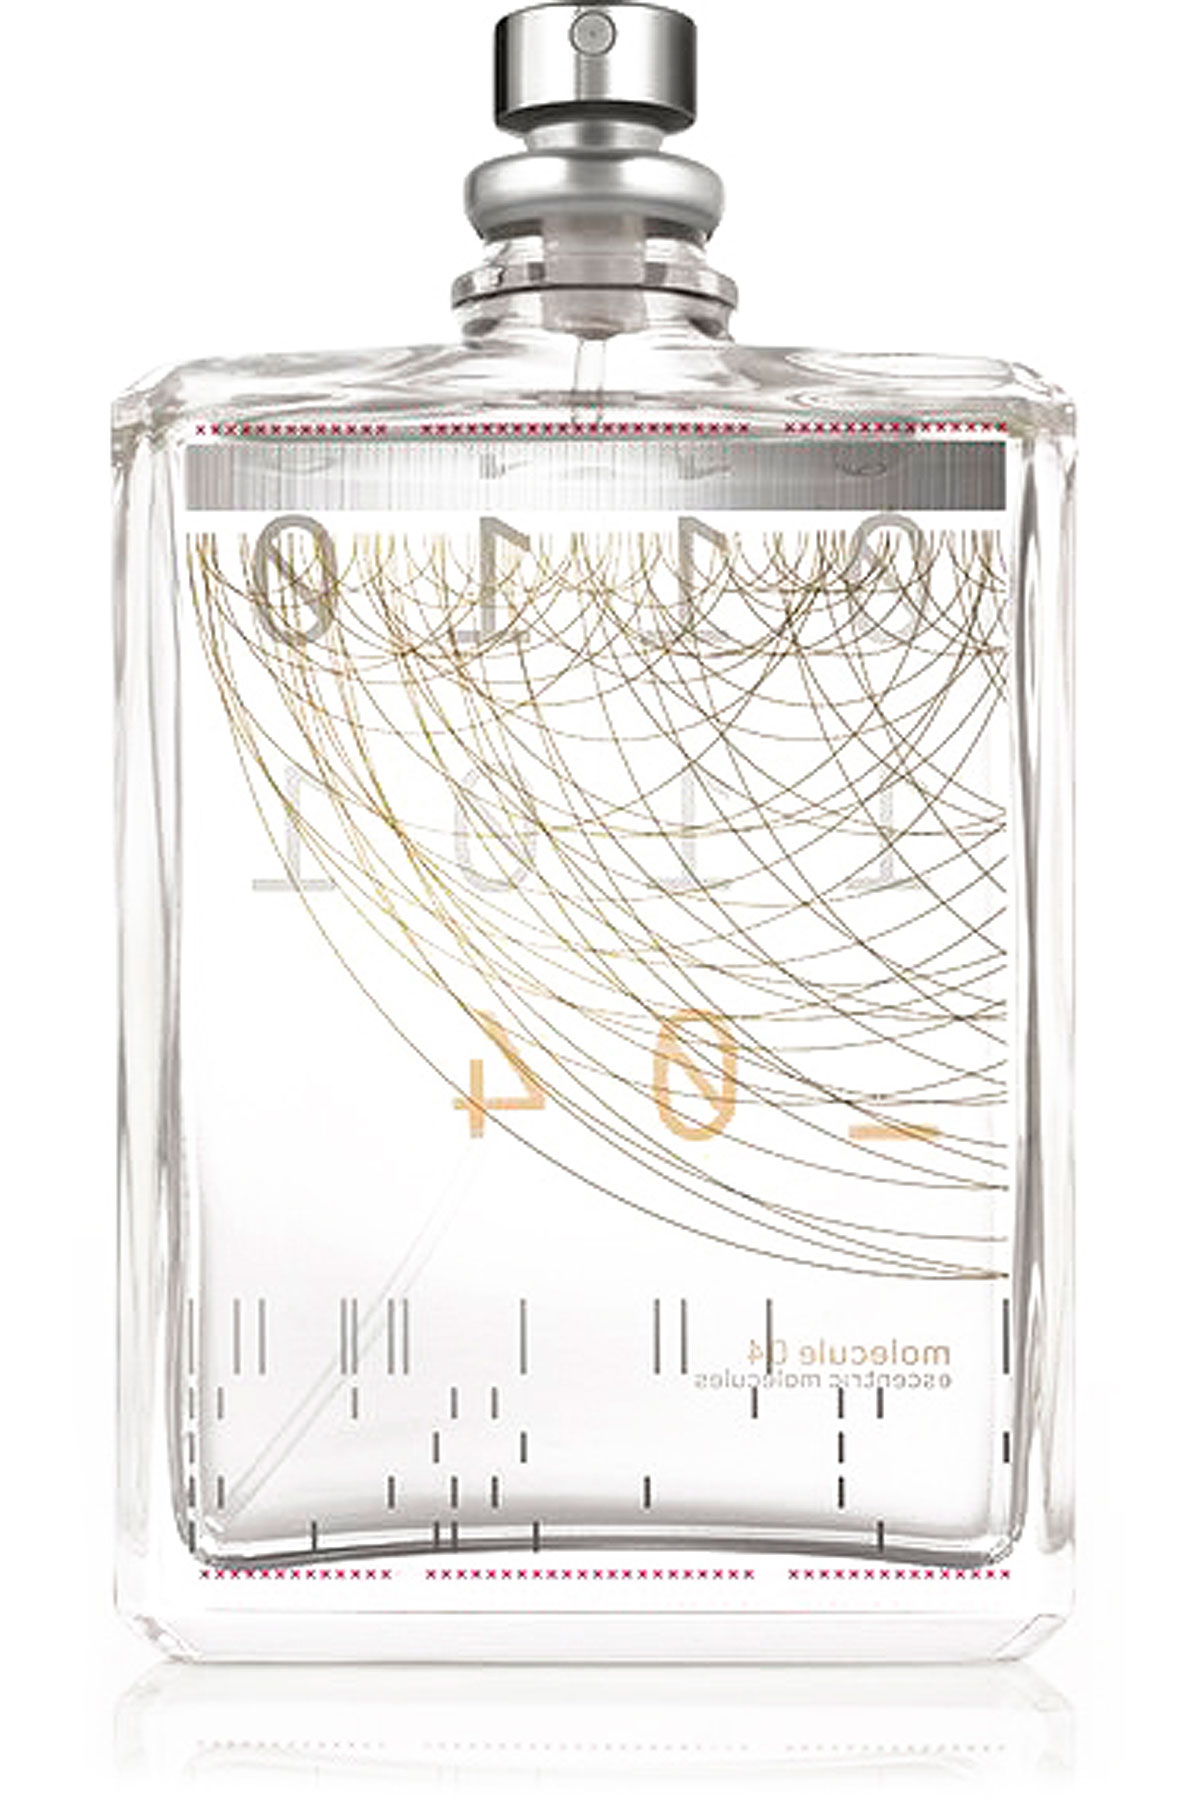 Escentric Molecules Fragrances for Men, Molecule 04 - Eau De Parfum - 100 Ml, 2019, 100 ml